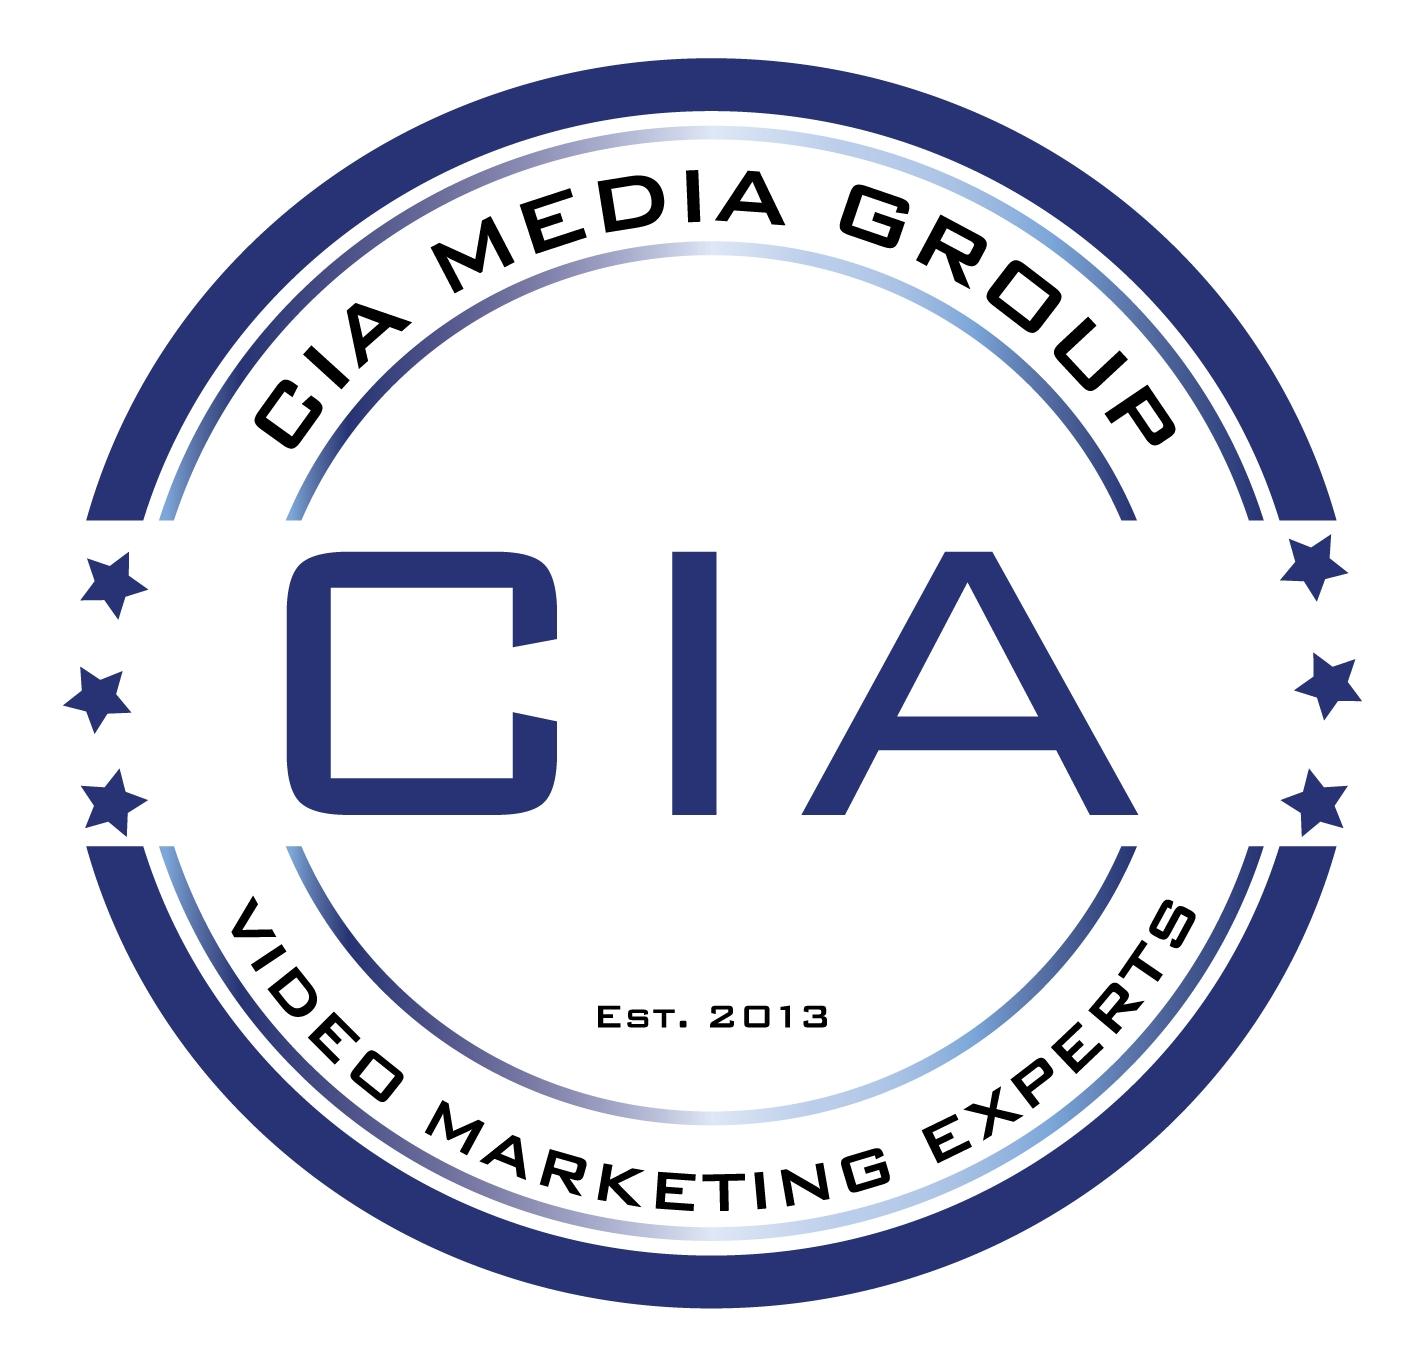 CIA Media Group External  Meetings